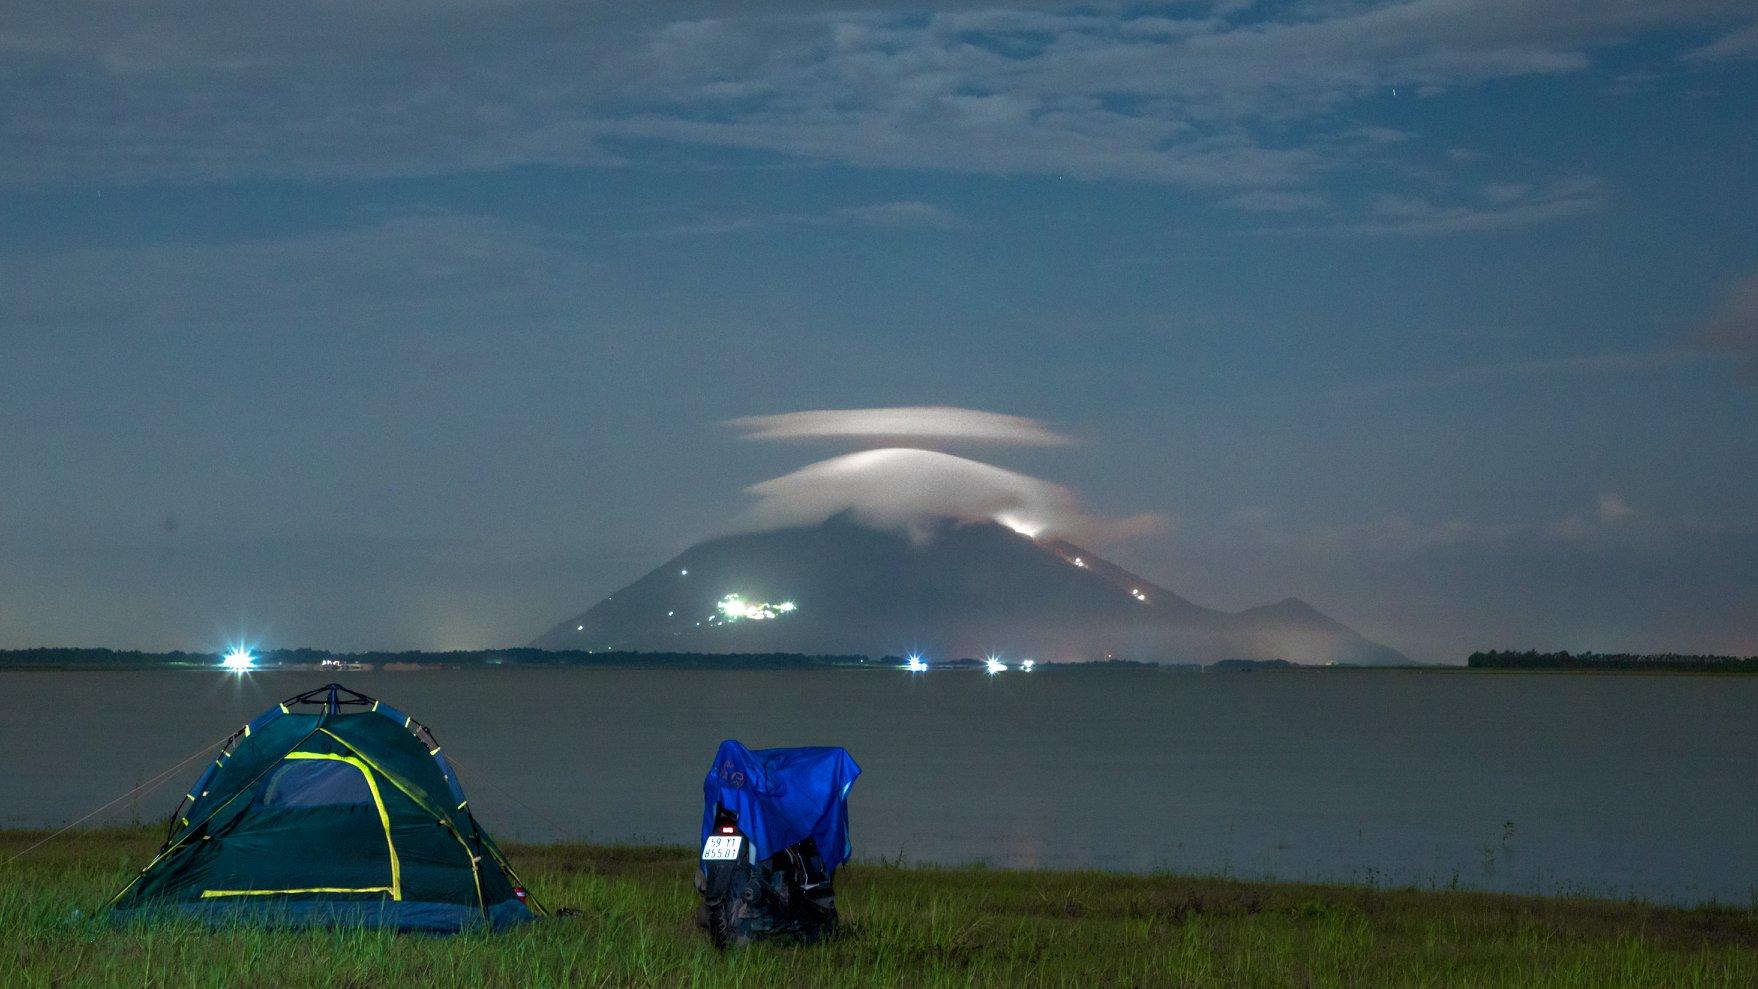 Đến hồ Dầu Tiếng, chiêm ngưỡng cảnh đẹp hút hồn tại địa điểm cắm trại hot nhất Tây Ninh  - Ảnh 8.